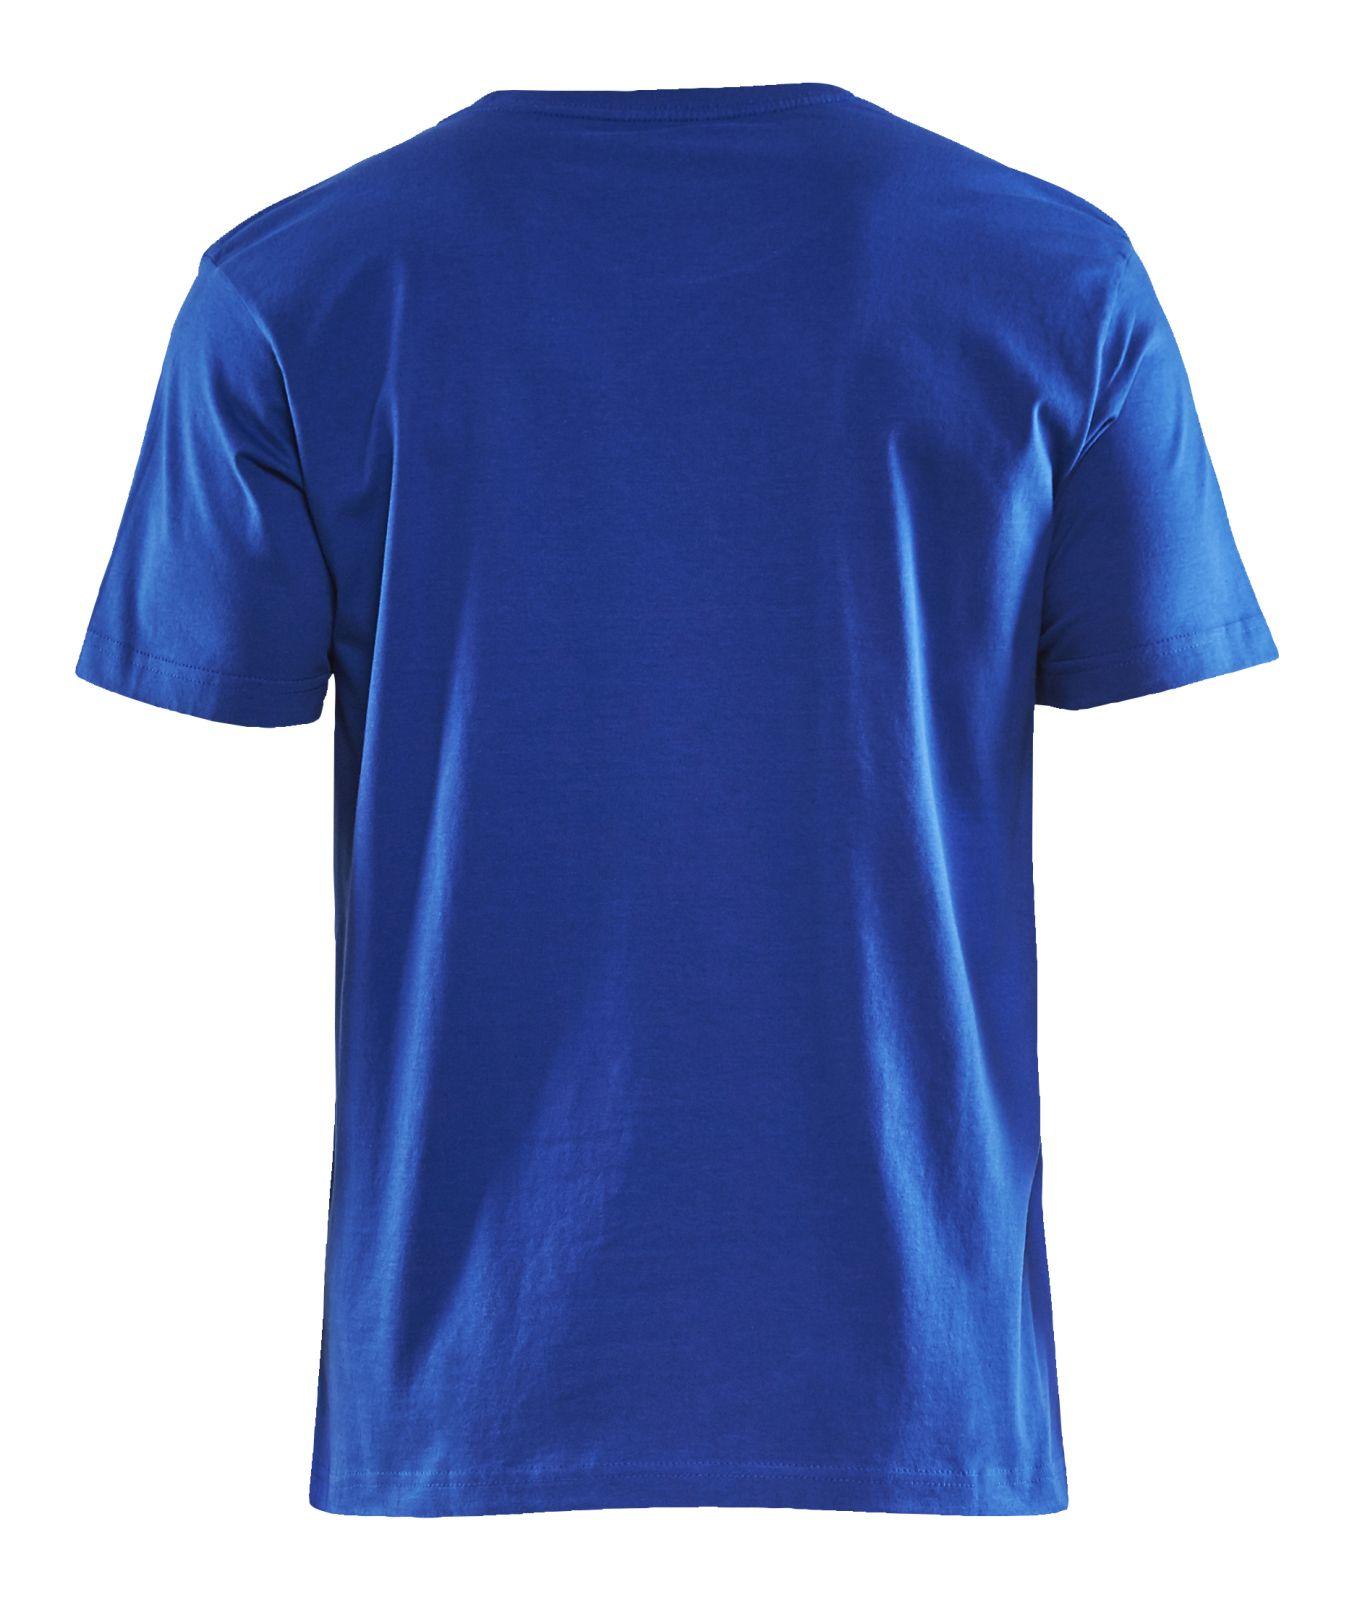 Blaklader T-shirts 35251042 korenblauw(8500)